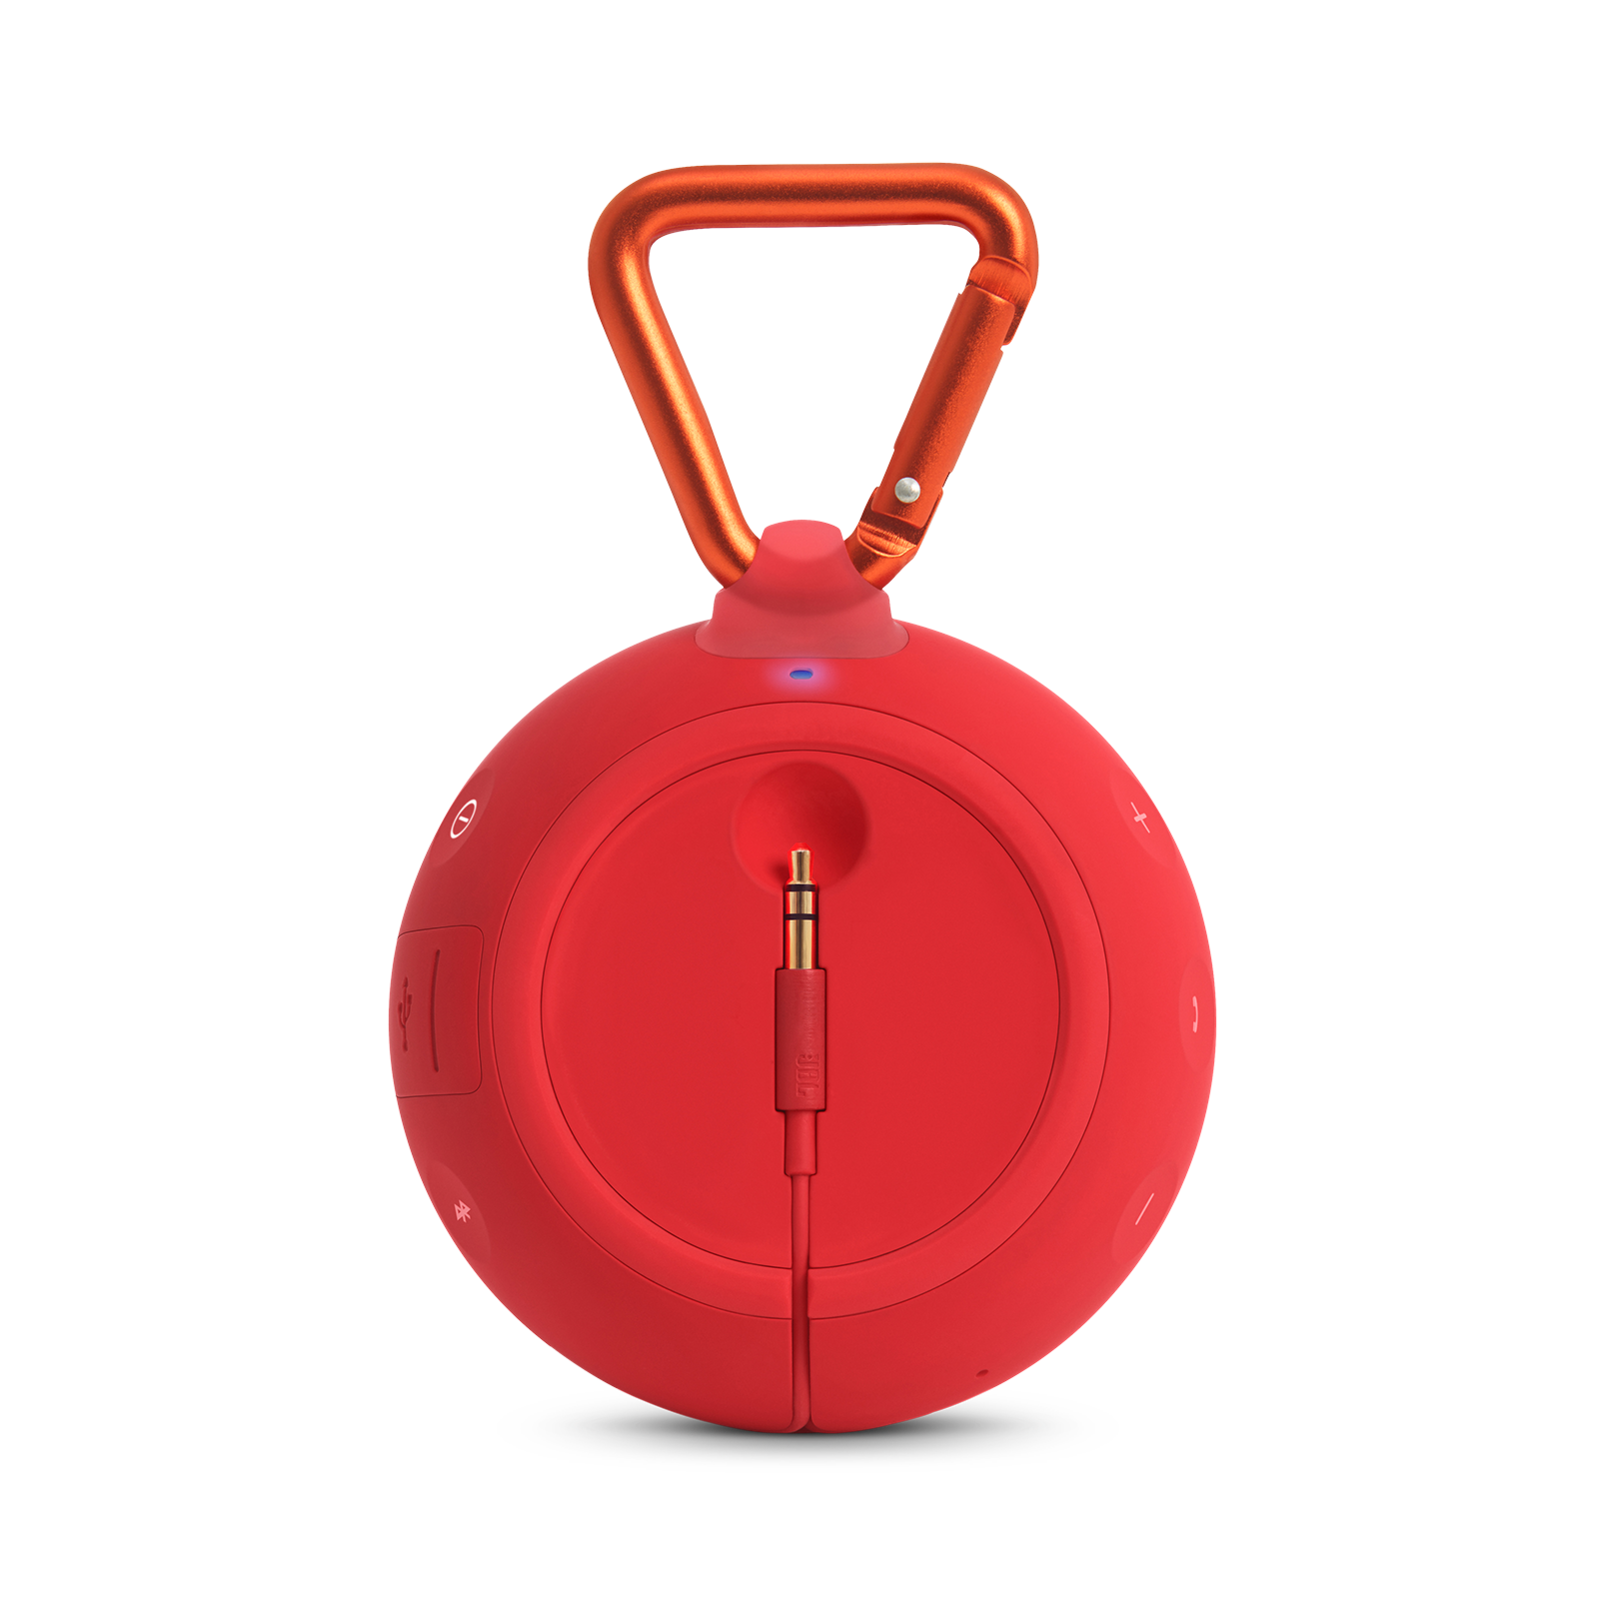 JBL Clip 2 Waterproof Portable Bluetooth Speaker Red